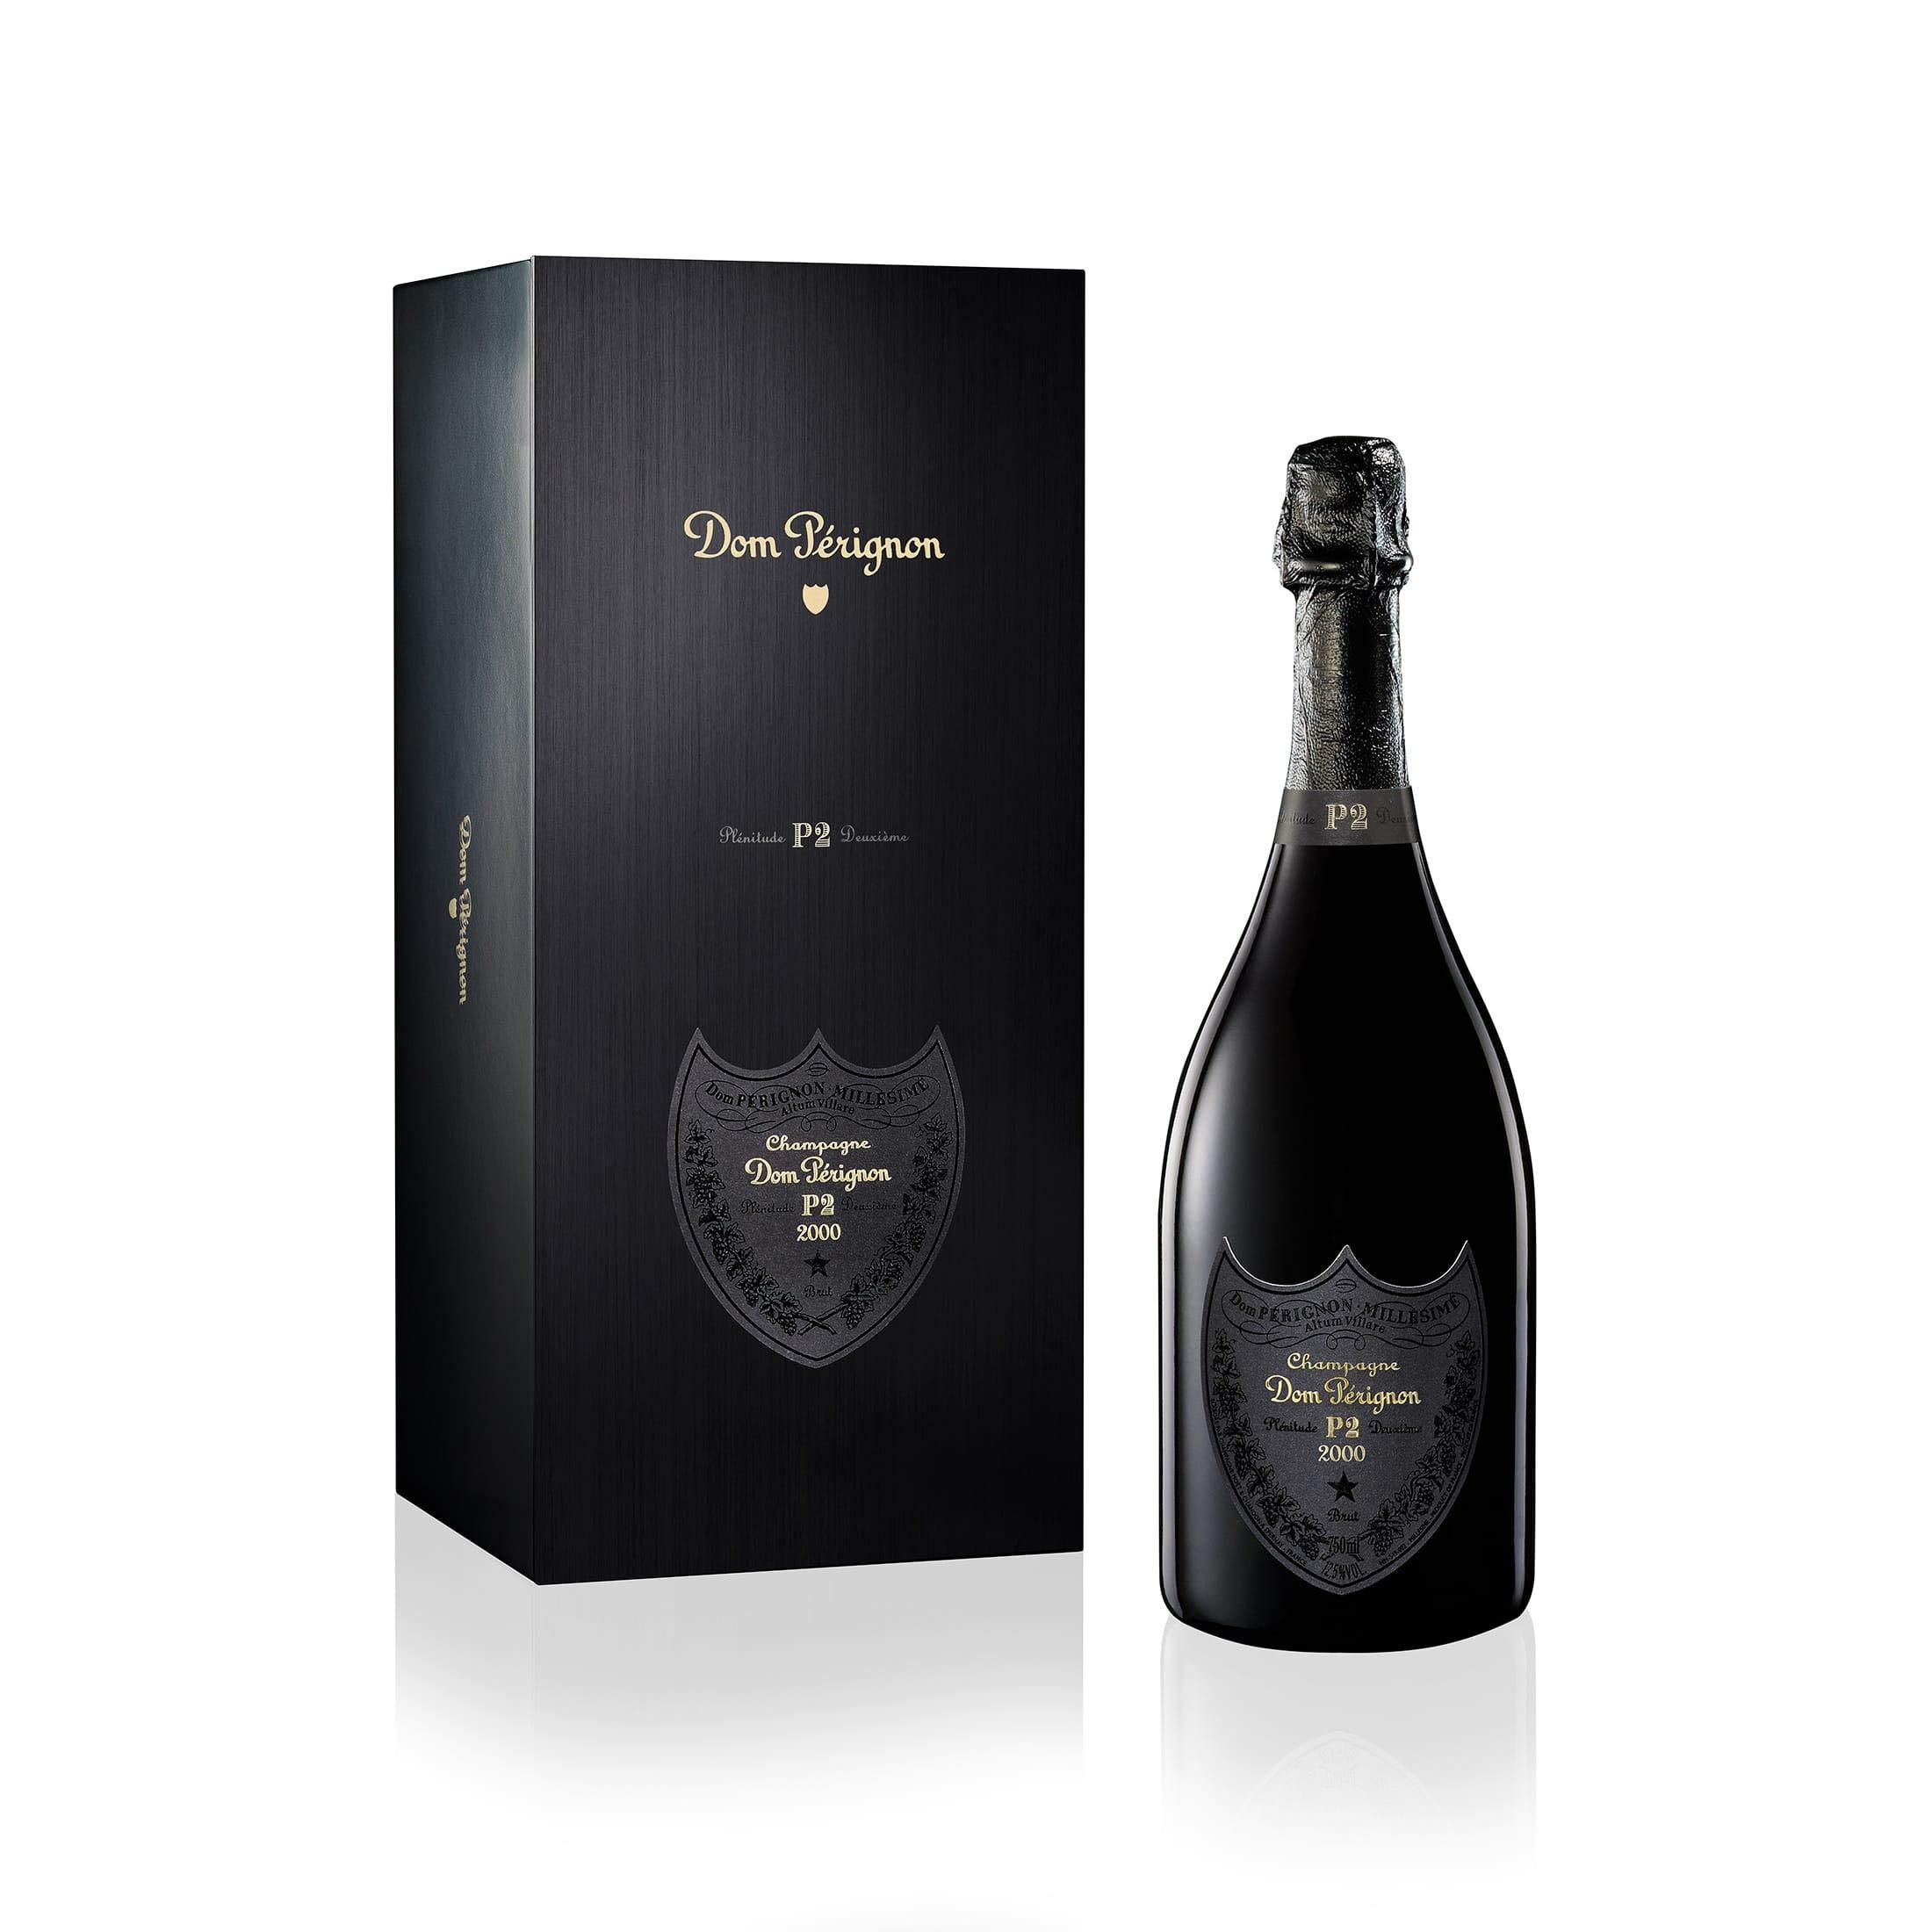 Dom-Prignon-P2-Vintage-2000-mit-Geschenkverpackung-Champagner-1-x-075-l